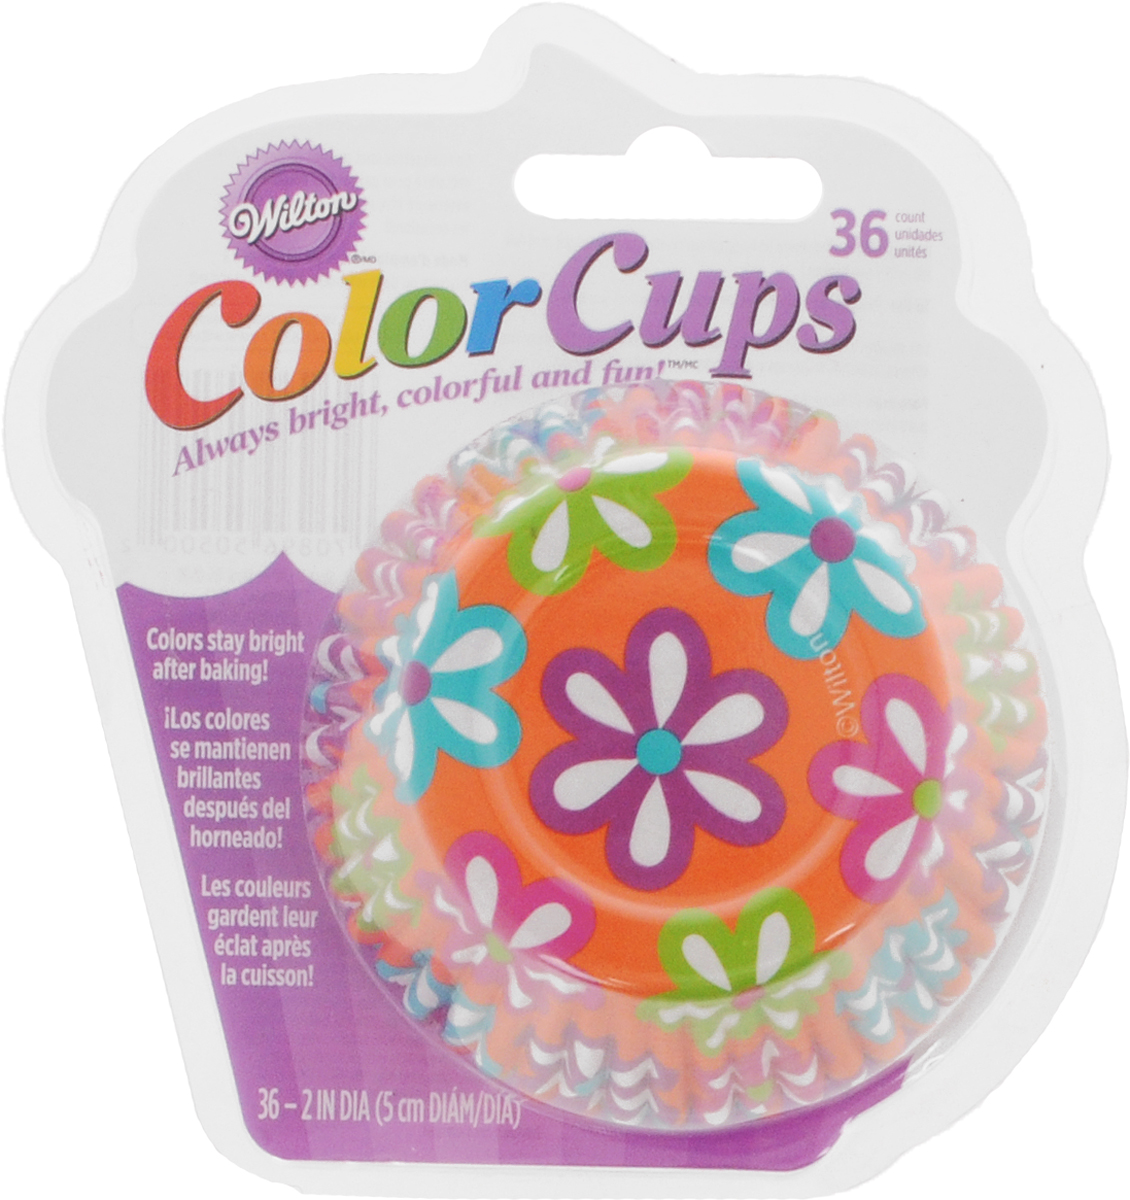 Набор бумажных форм для кексов Wilton Цветы, 36 штWLT-415-0500Набор Wilton Цветы состоит из 36 бумажных форм для кексов, оформленных принтом цветы. Они предназначены для выпечки и упаковки кондитерских изделий, также могут использоваться для сервировки орешков, конфет и много другого. Для одноразового применения. Гофрированные бумажные формы идеальны для выпечки кексов, булочек и пирожных.Высота стенки: 3 см. Диаметр (по верхнему краю): 7 см.Диаметр дна: 5 см.